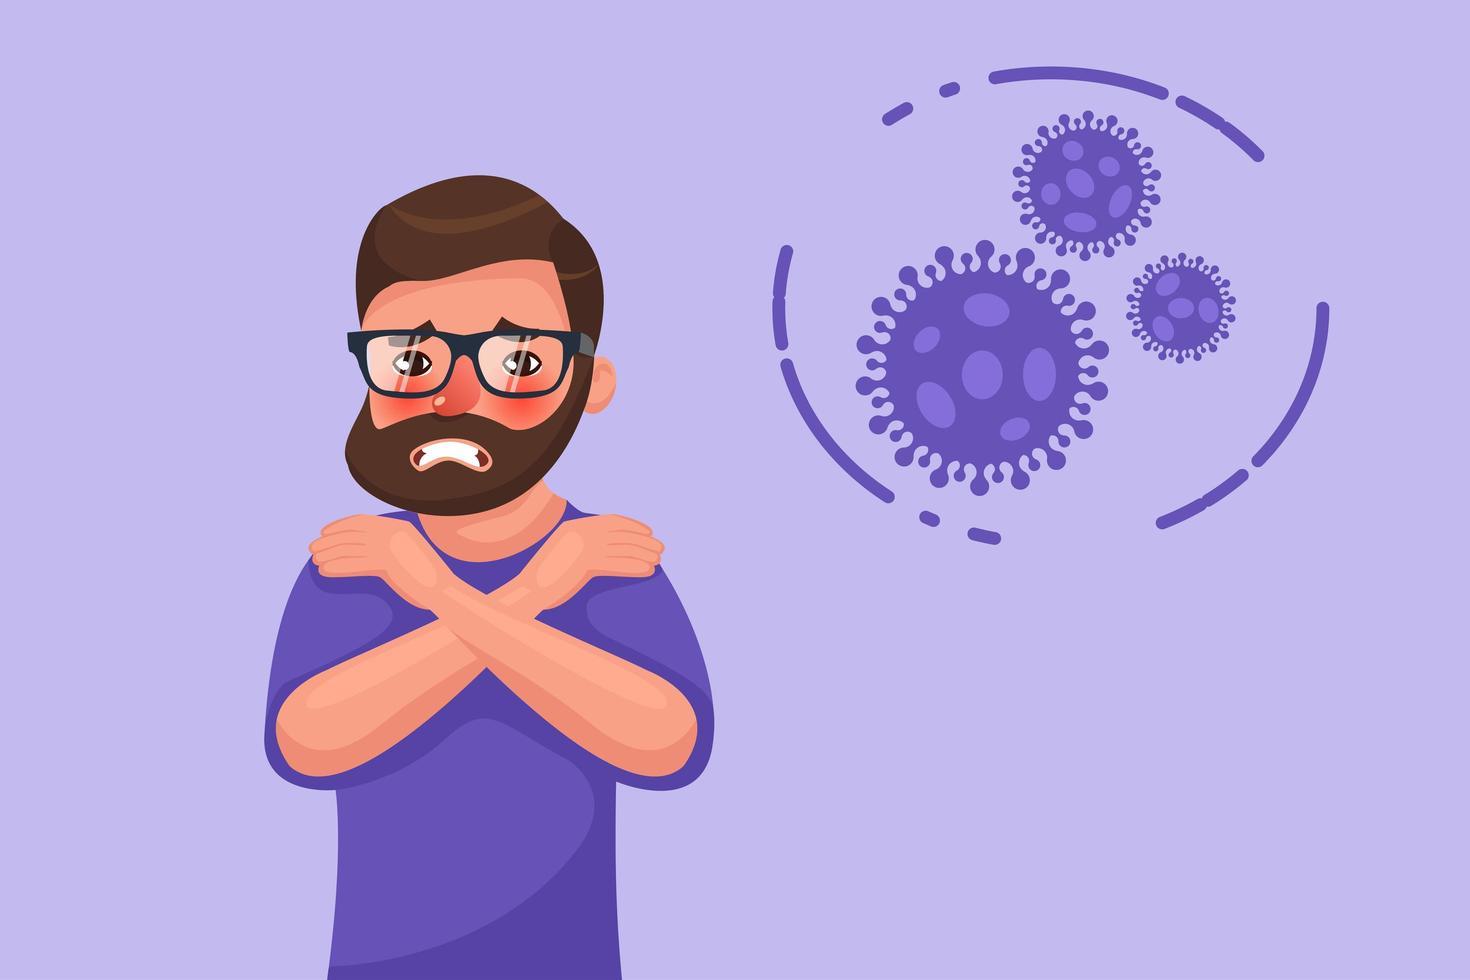 bärtiger junger Mann mit Coronavirus-Schüttelfrostsymptom vektor